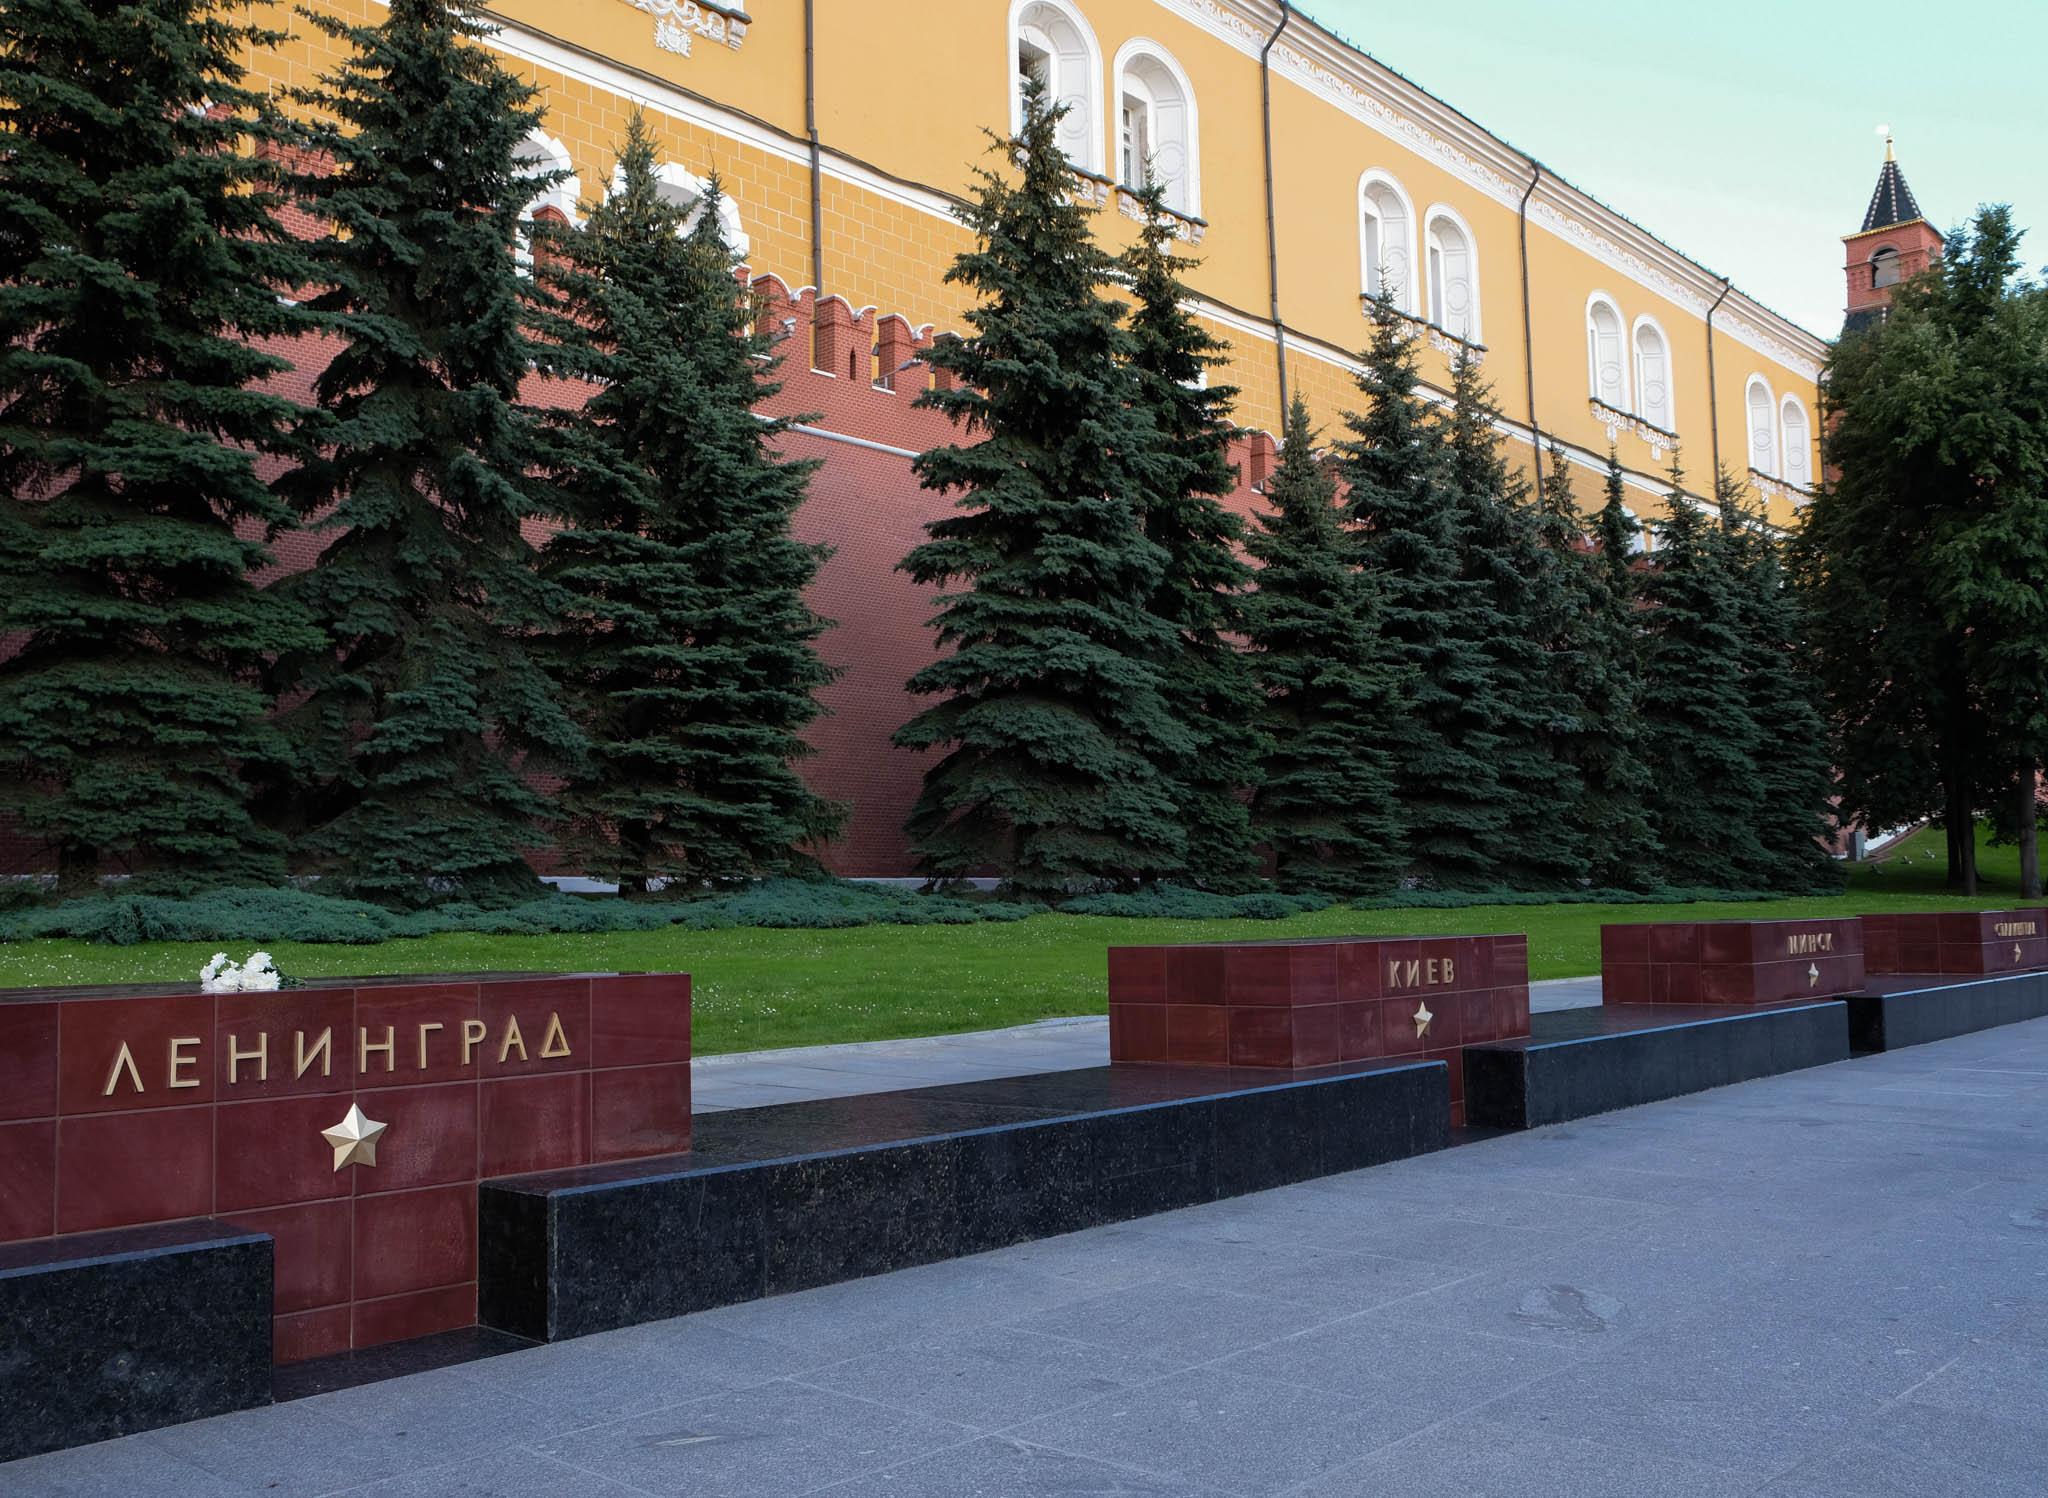 Могила неизвестному солдату в Москве